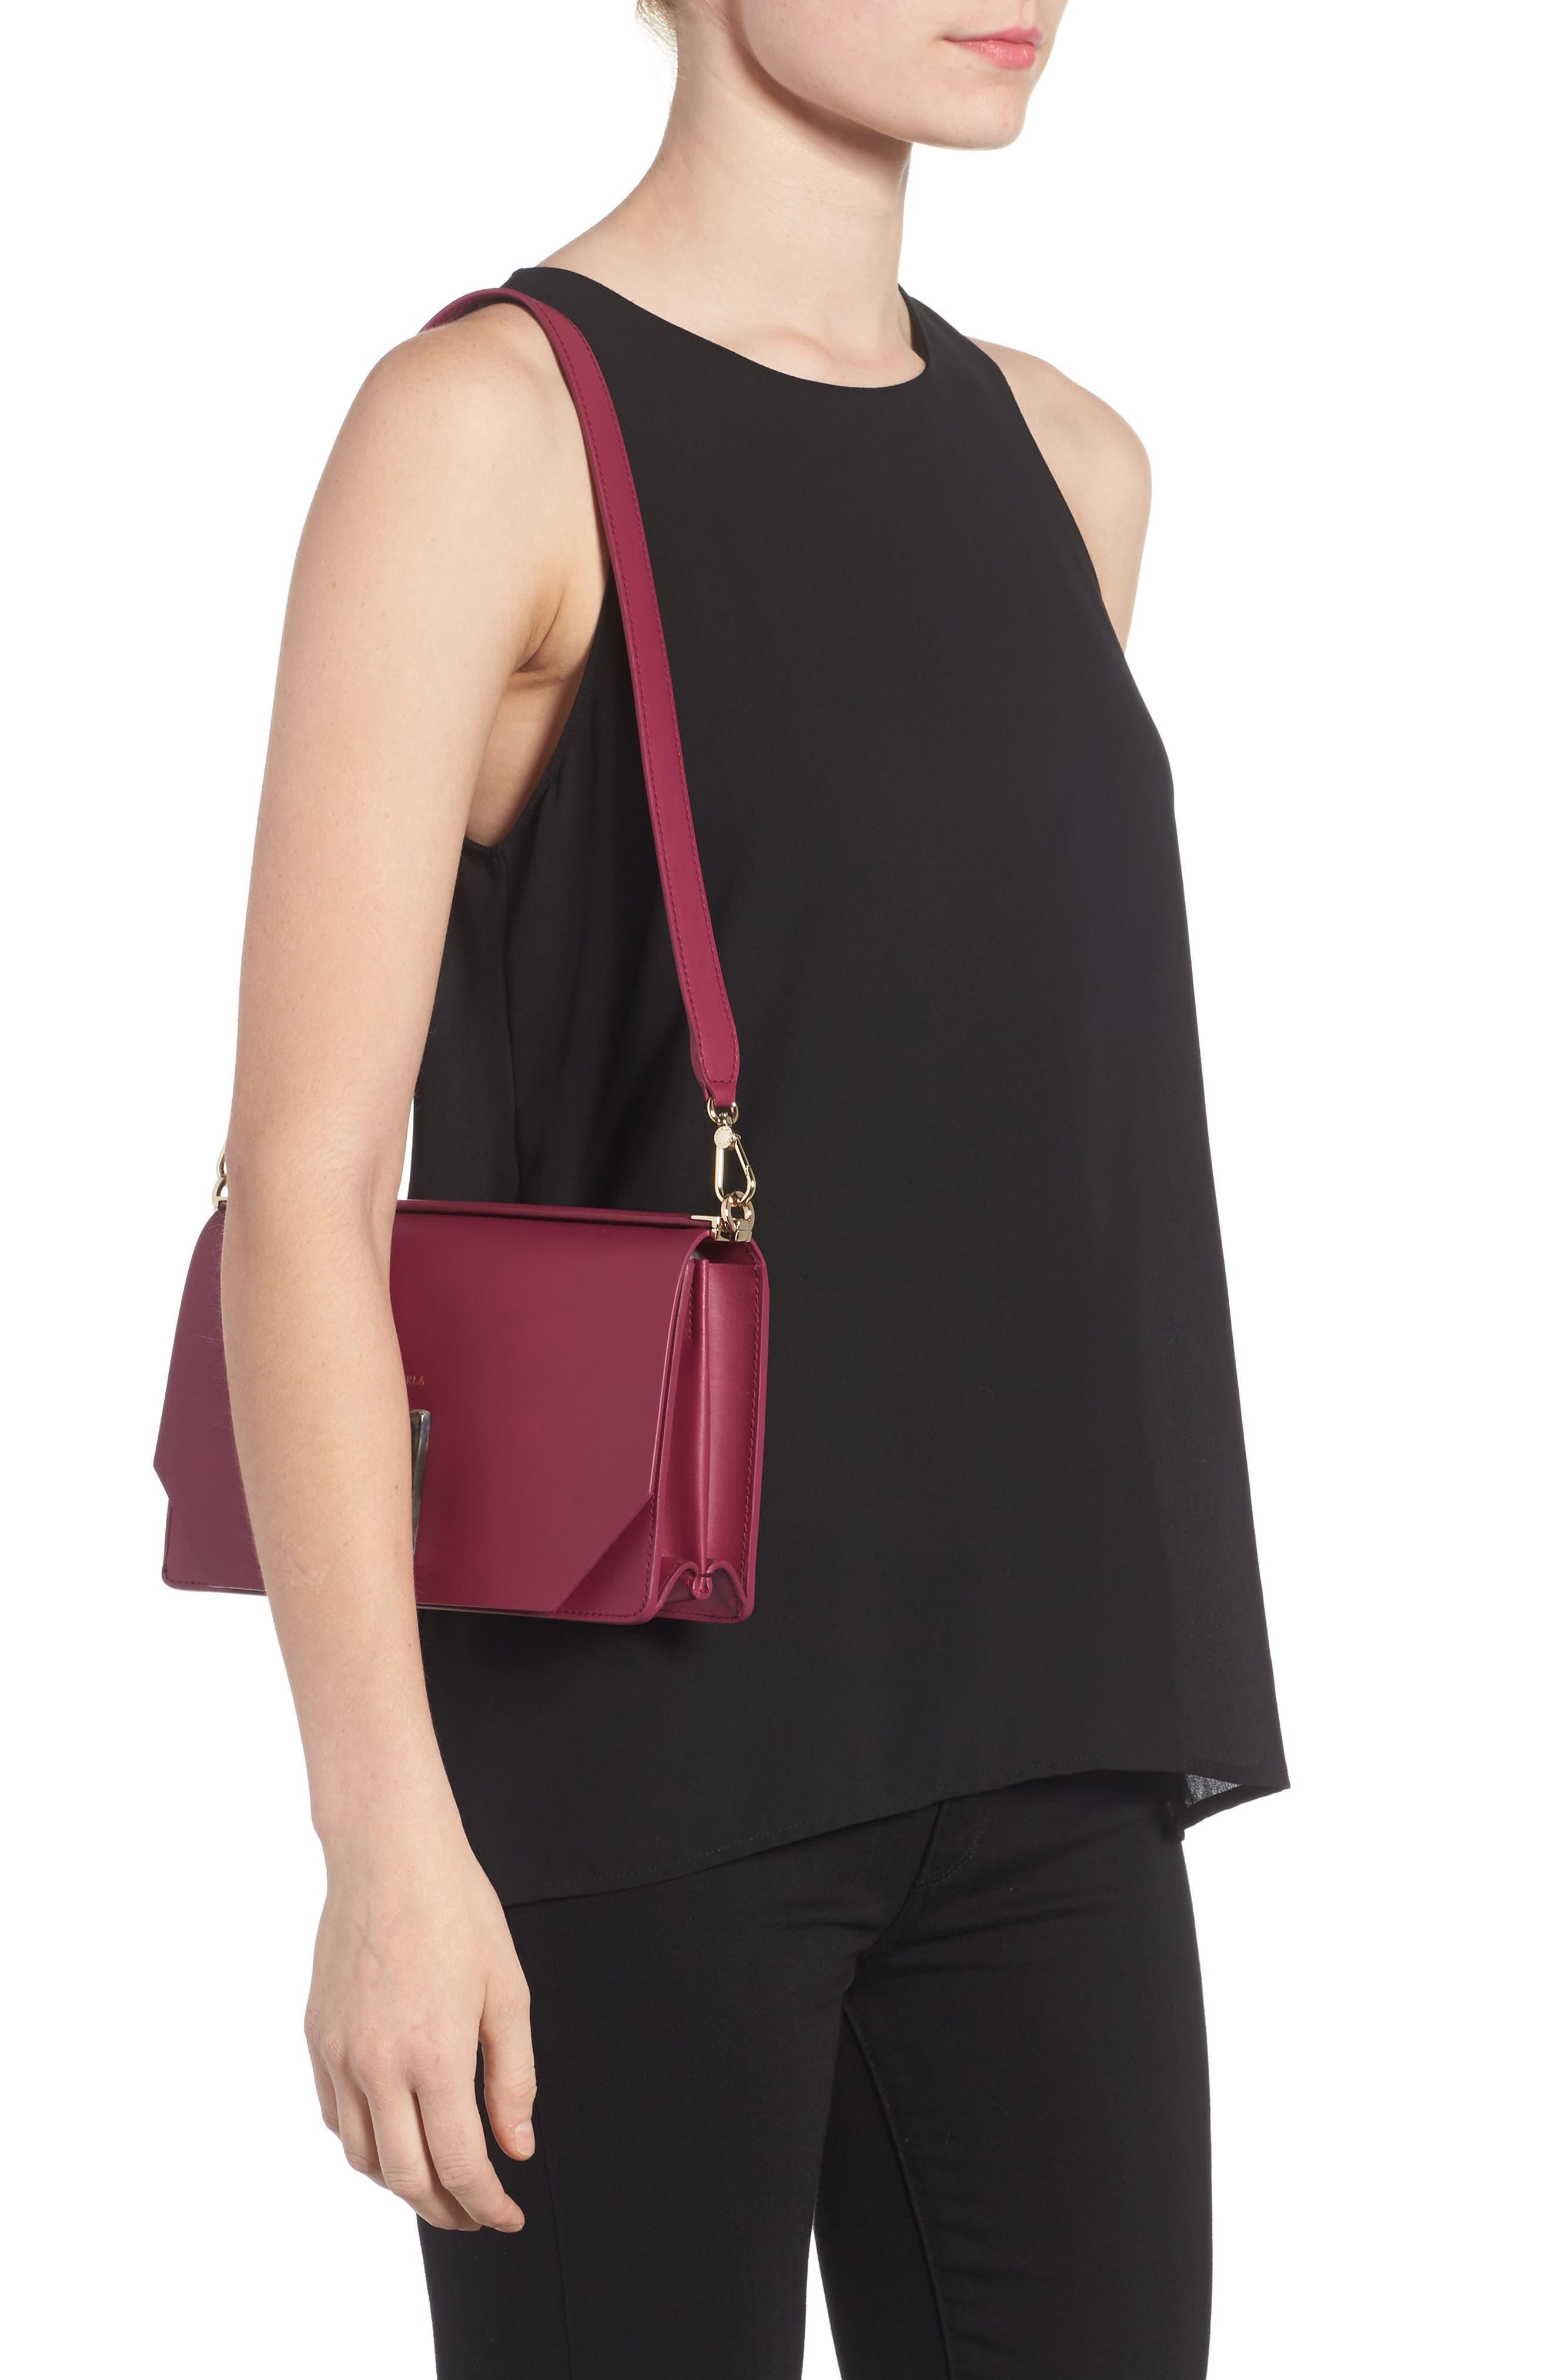 Snap Leather Shoulder Bag,                             Alternate thumbnail 2, color,                             609